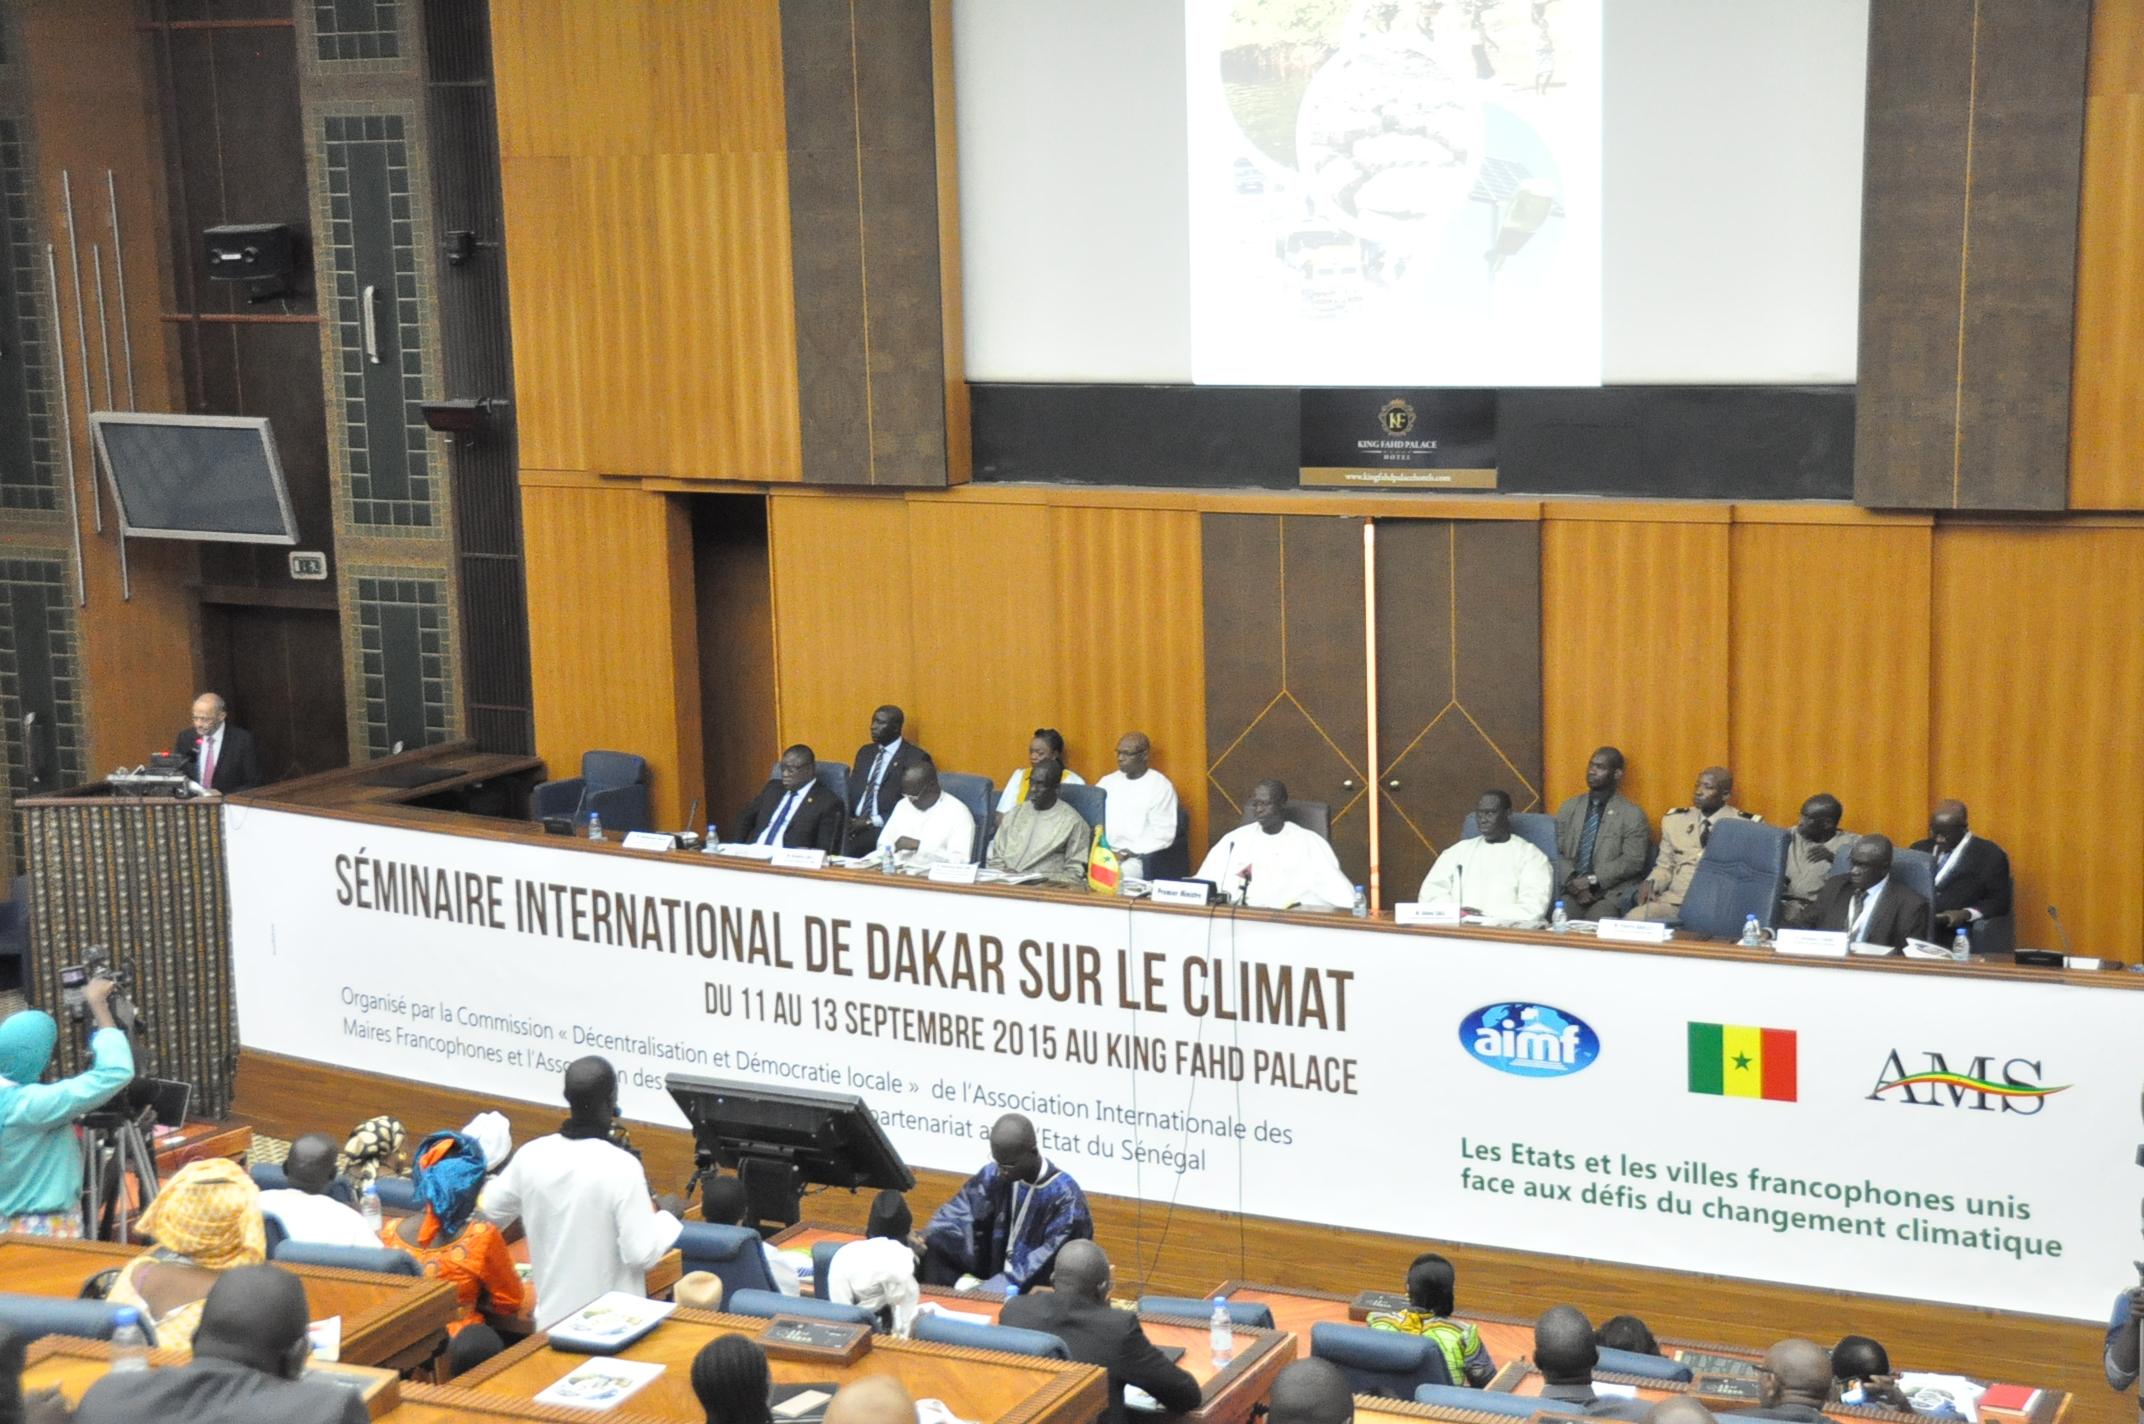 RÉUNION AIMF-COMMISSION EUROPÉENNE A DAKAR : Améliorer l'environnement des autorités locales pour libérer le potentiel de développement